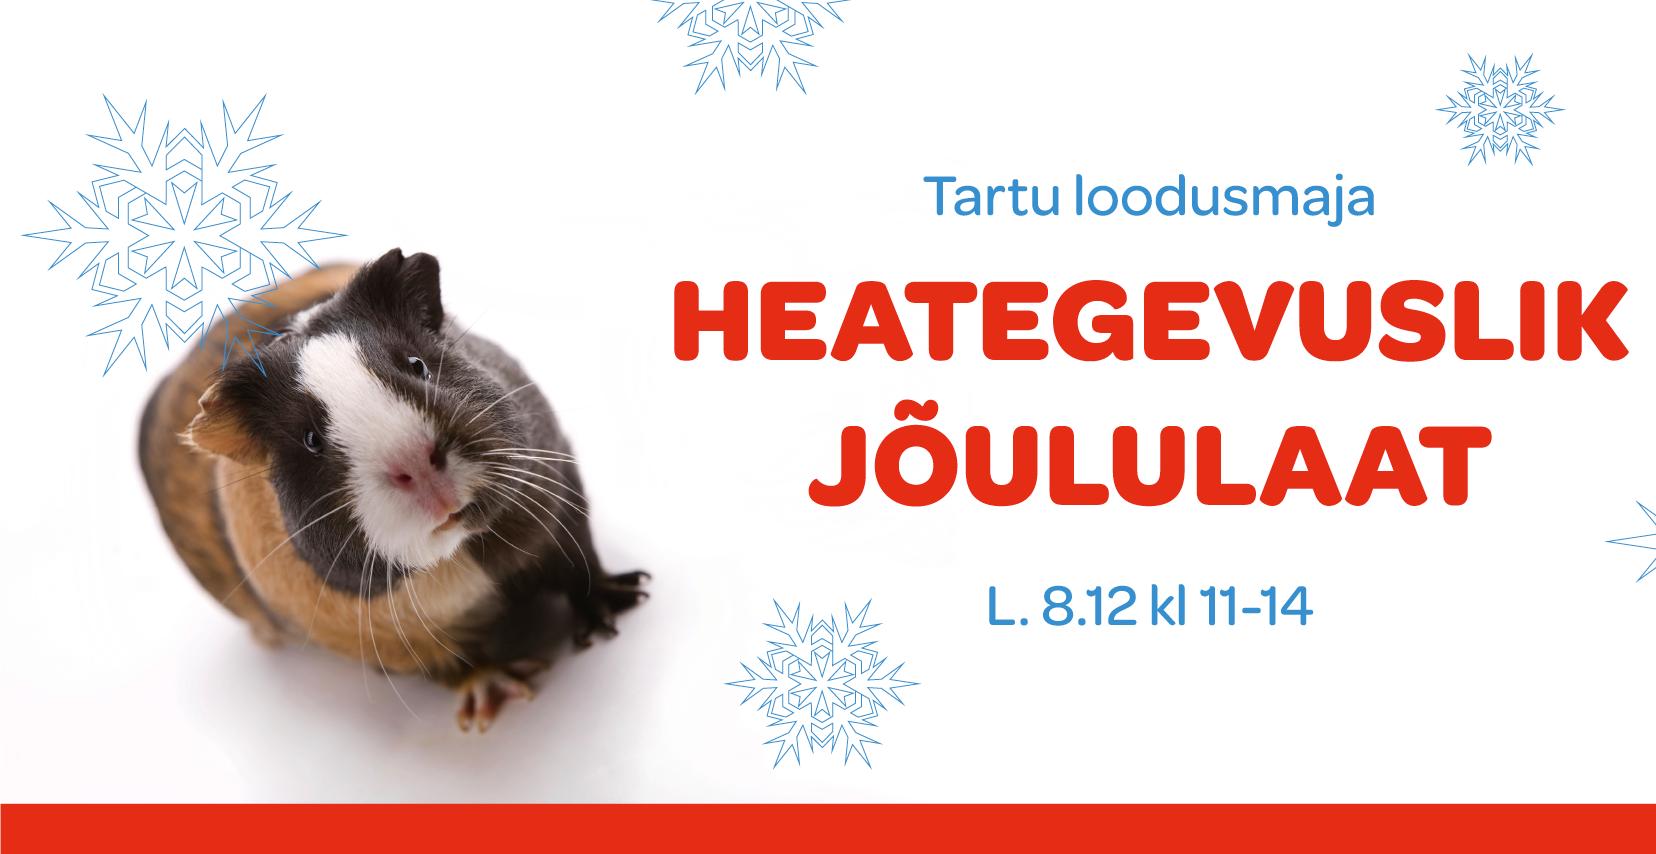 Tartu loodusmaja heategevuslik jõululaat 8.12.2018